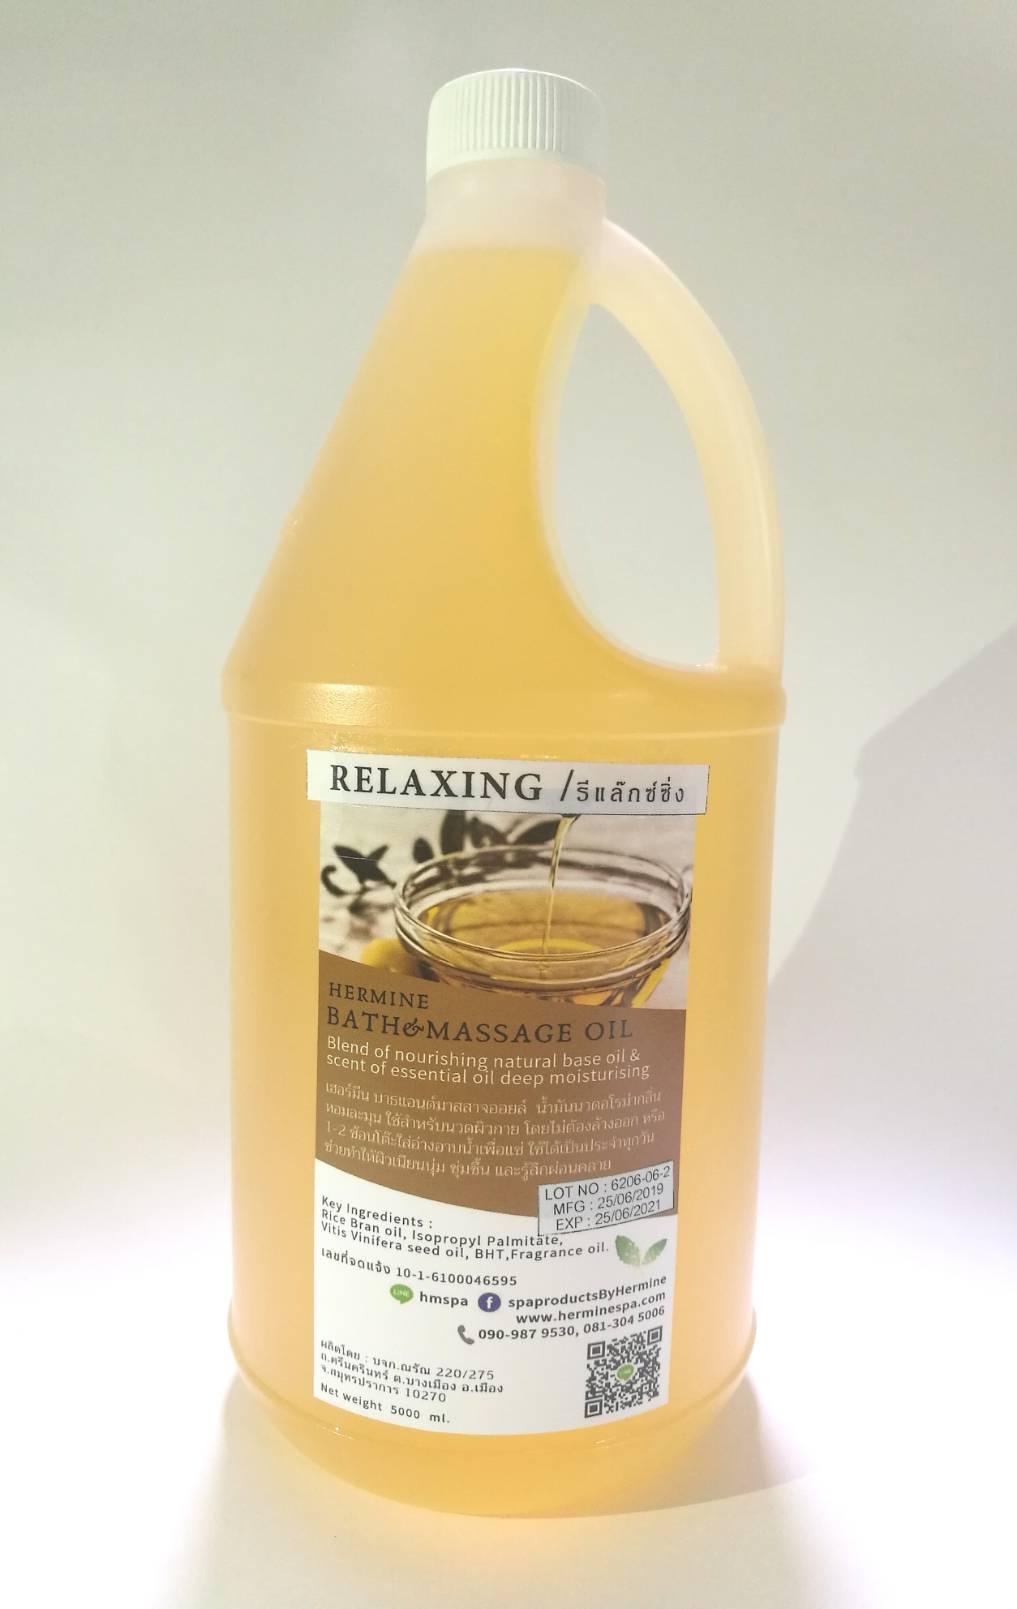 เฮอร์มีนน้ำมันนวดอโรม่ากลิ่นรีแล๊กซ์ซิ่ง /Hermine Aroma Massage Oil - Relaxing 1 ลิตร 2